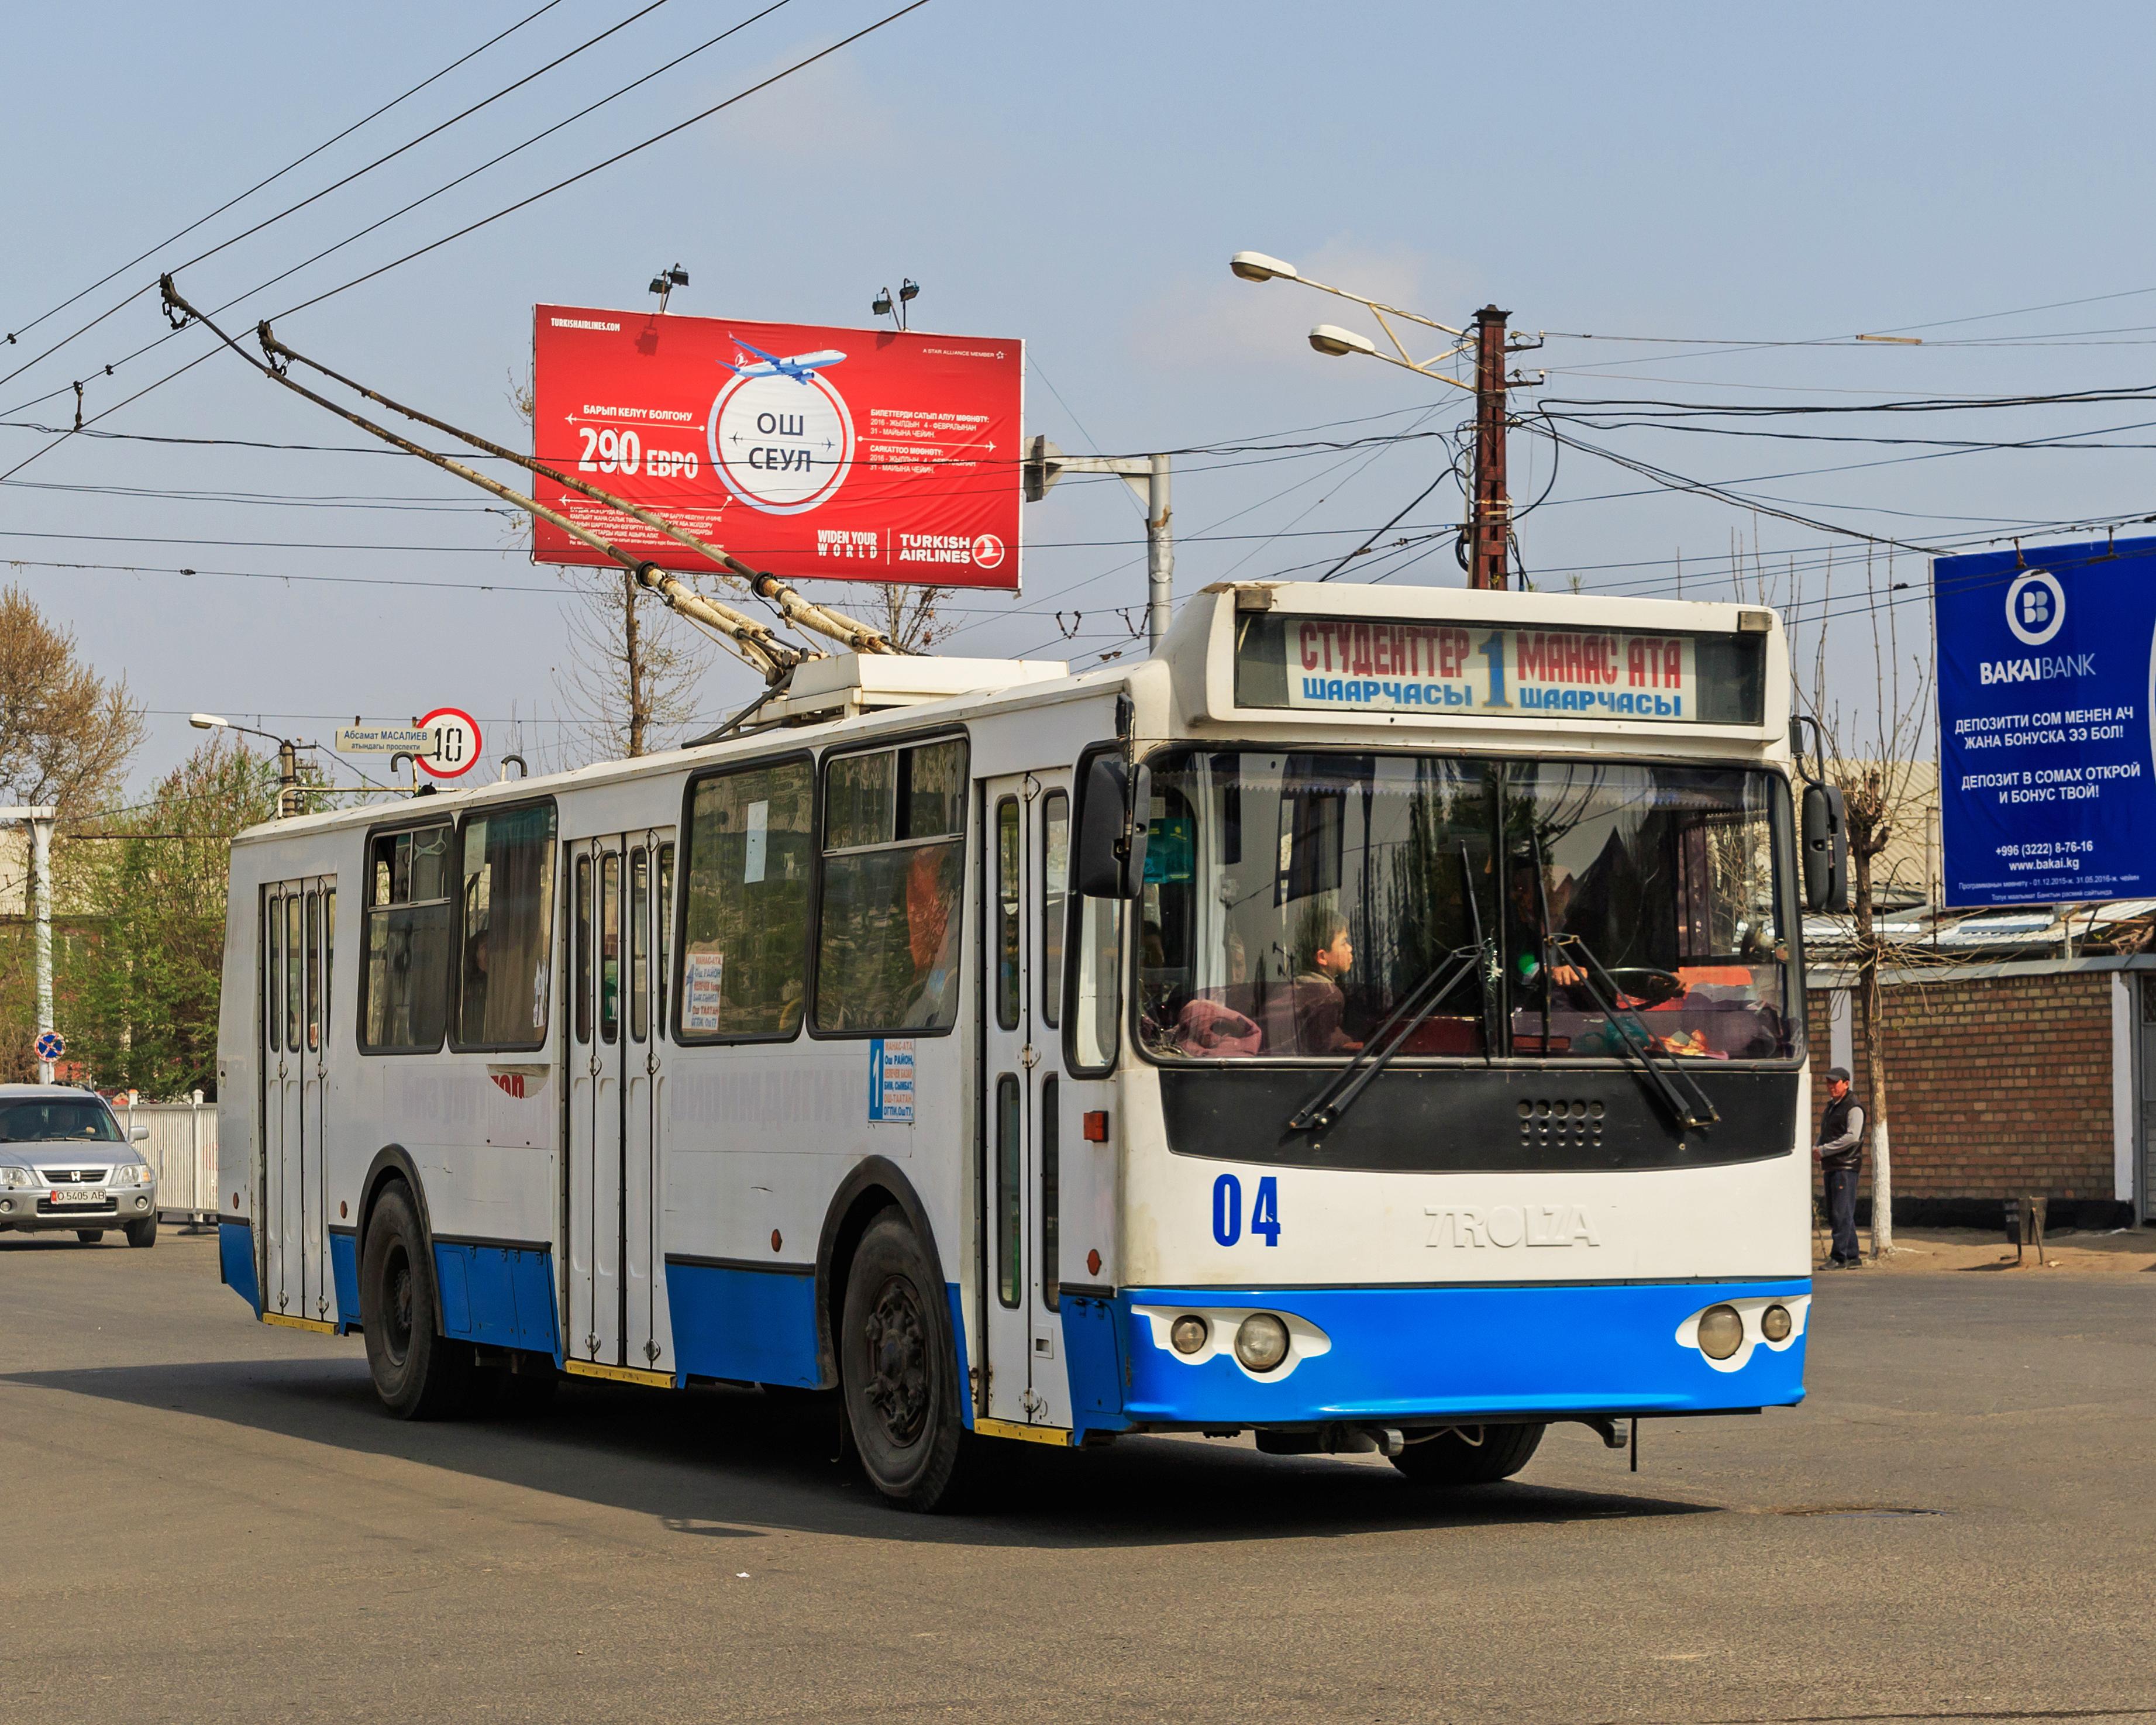 Ошто автобус, троллейбустарда жол кире эмне себептен кымбаттады?